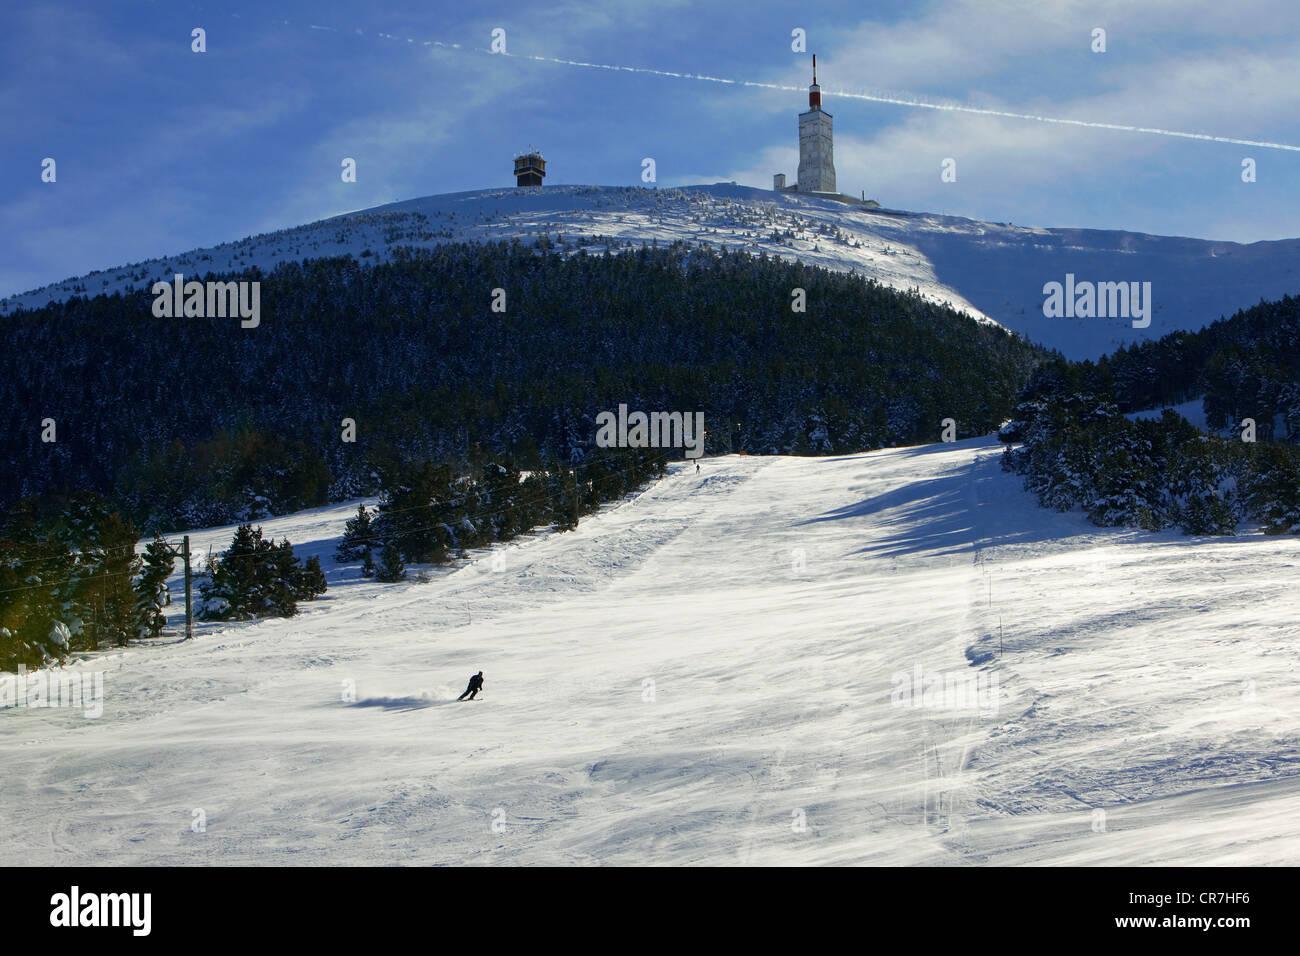 vaucluse ski